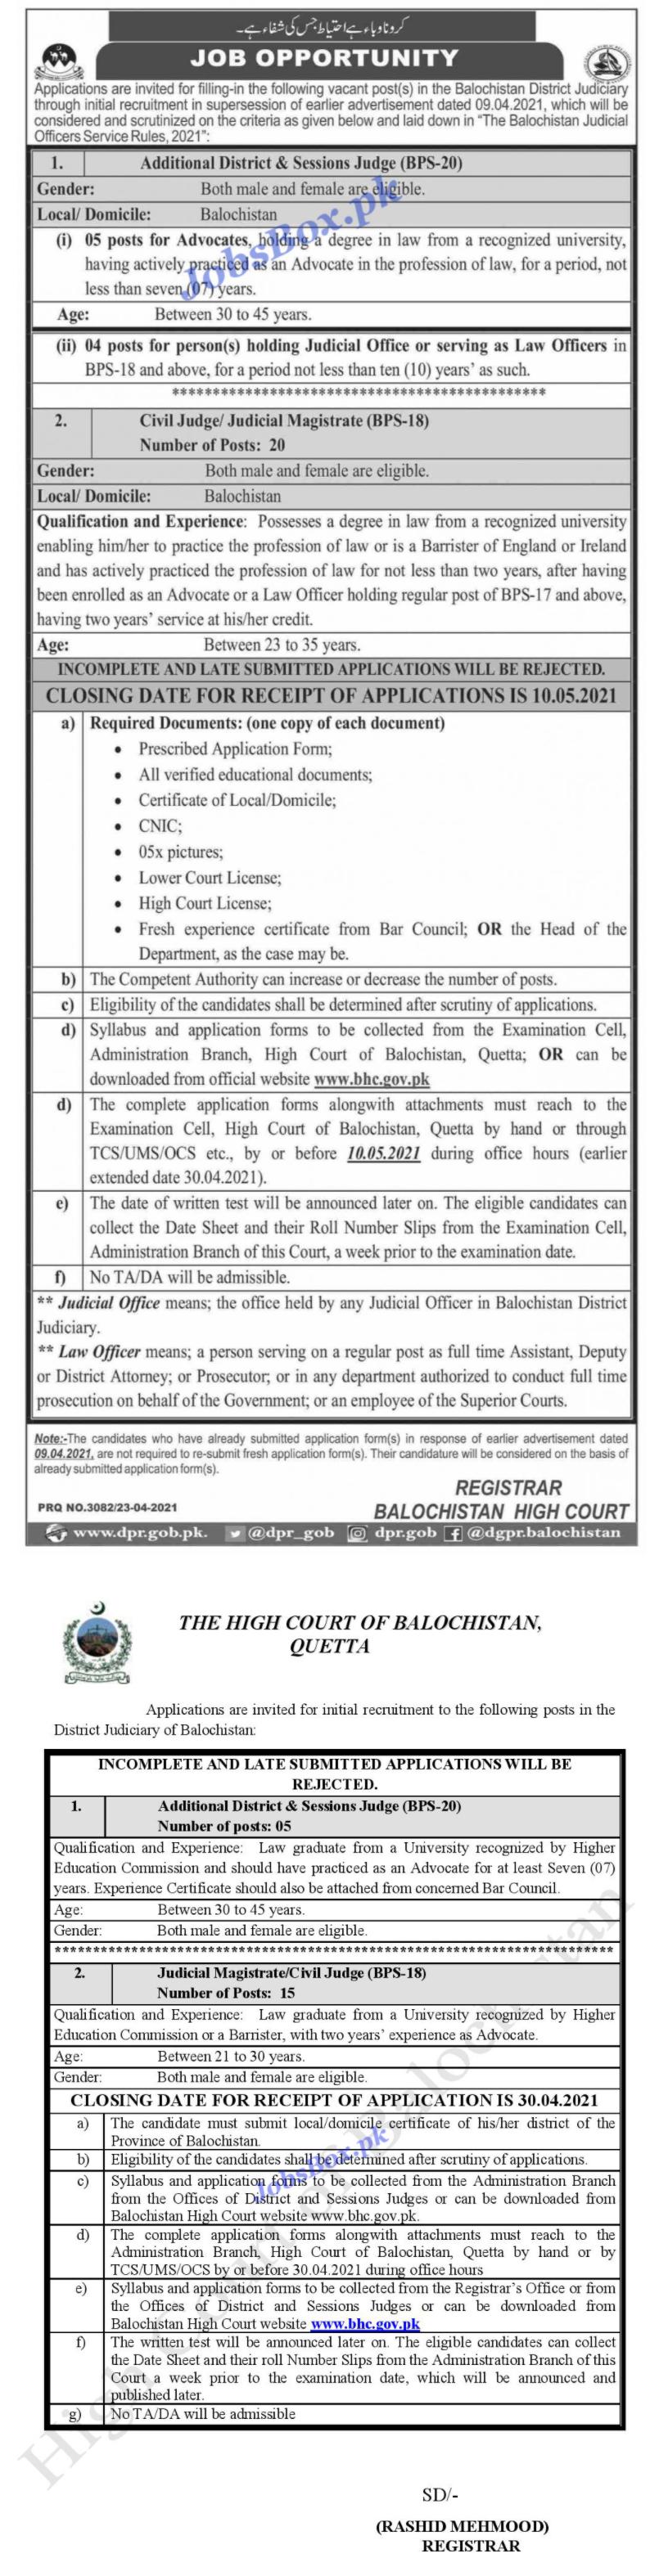 Latest Balochistan High Court BHC Jobs 2021